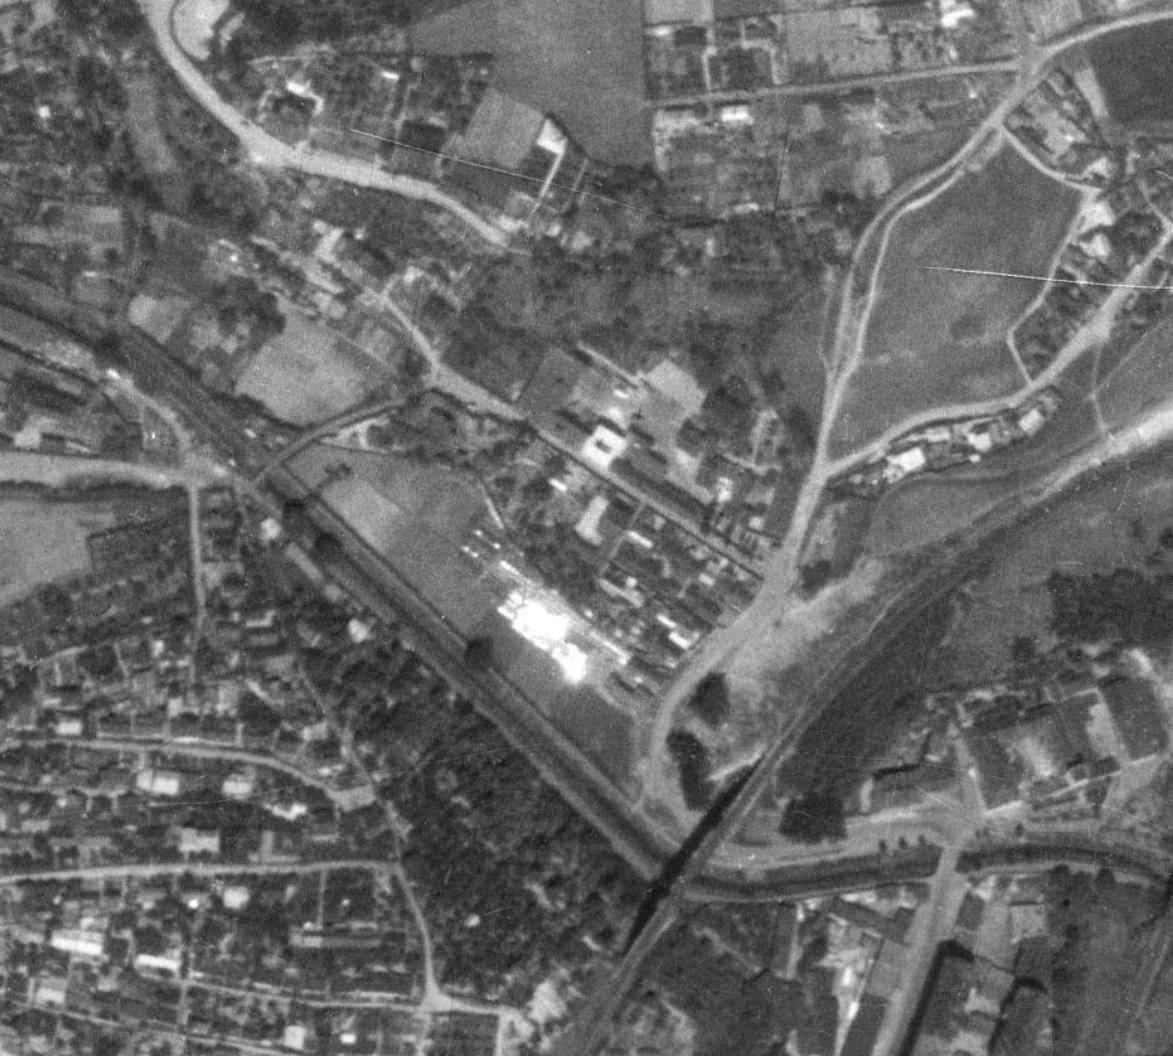 nouzova-kolonie-kliharka-letecky-snimek-1953